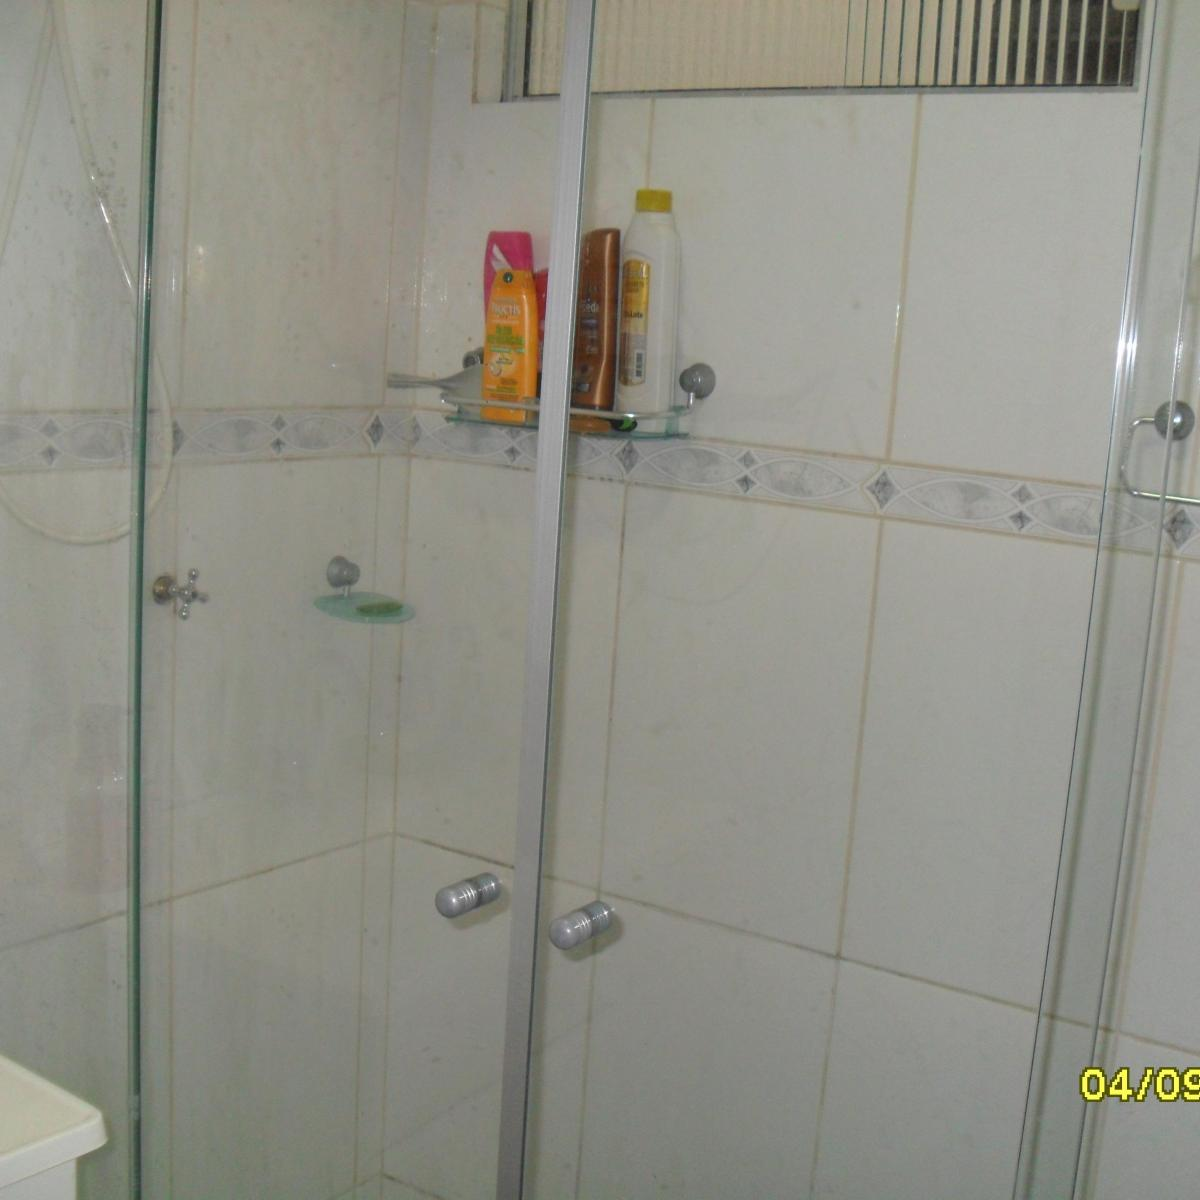 Imagens de #A36A28  semi mobiliado 3 Dormitórios no Jardim Botânico  Curitiba Paraná 1200x1200 px 3006 Box Banheiro Curitiba Pr